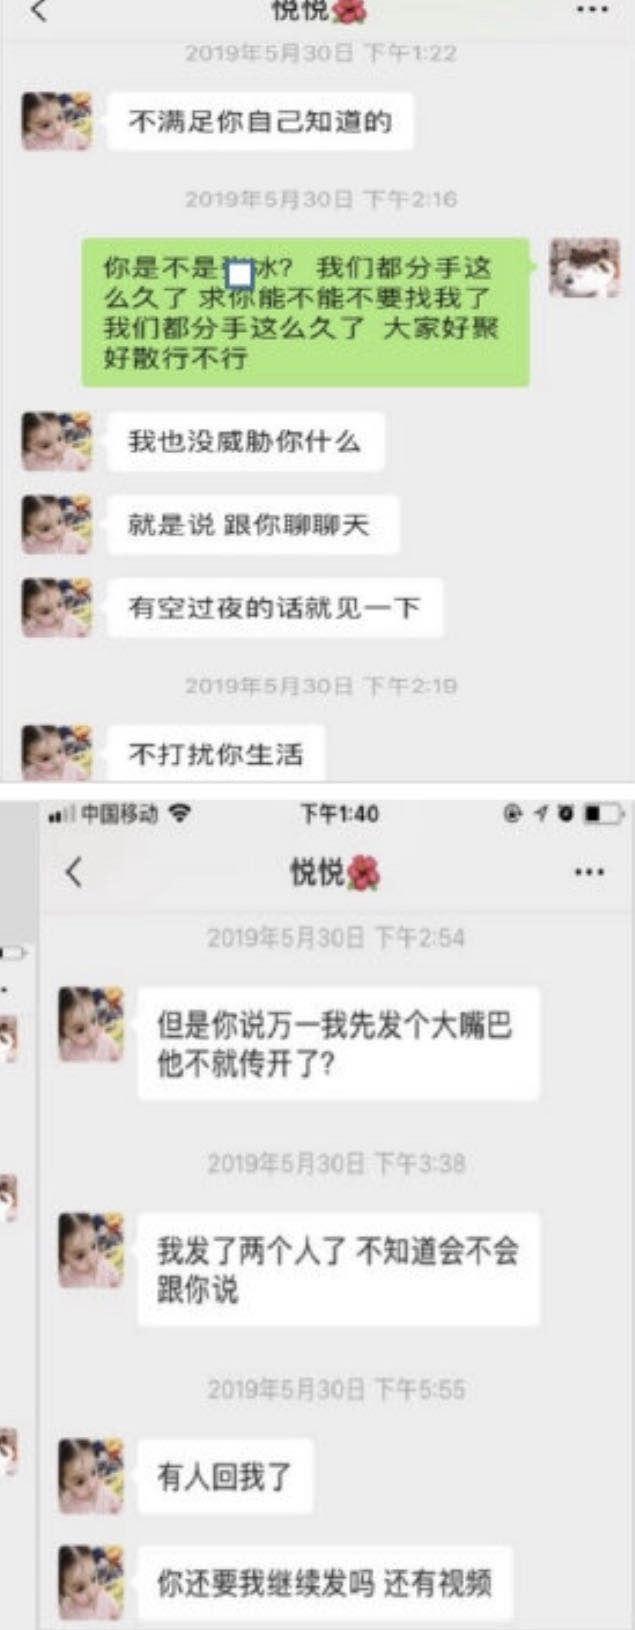 【雅虎搜索】_飞行员用裸照威胁前女友 案件明日二审飞行员仍未道歉